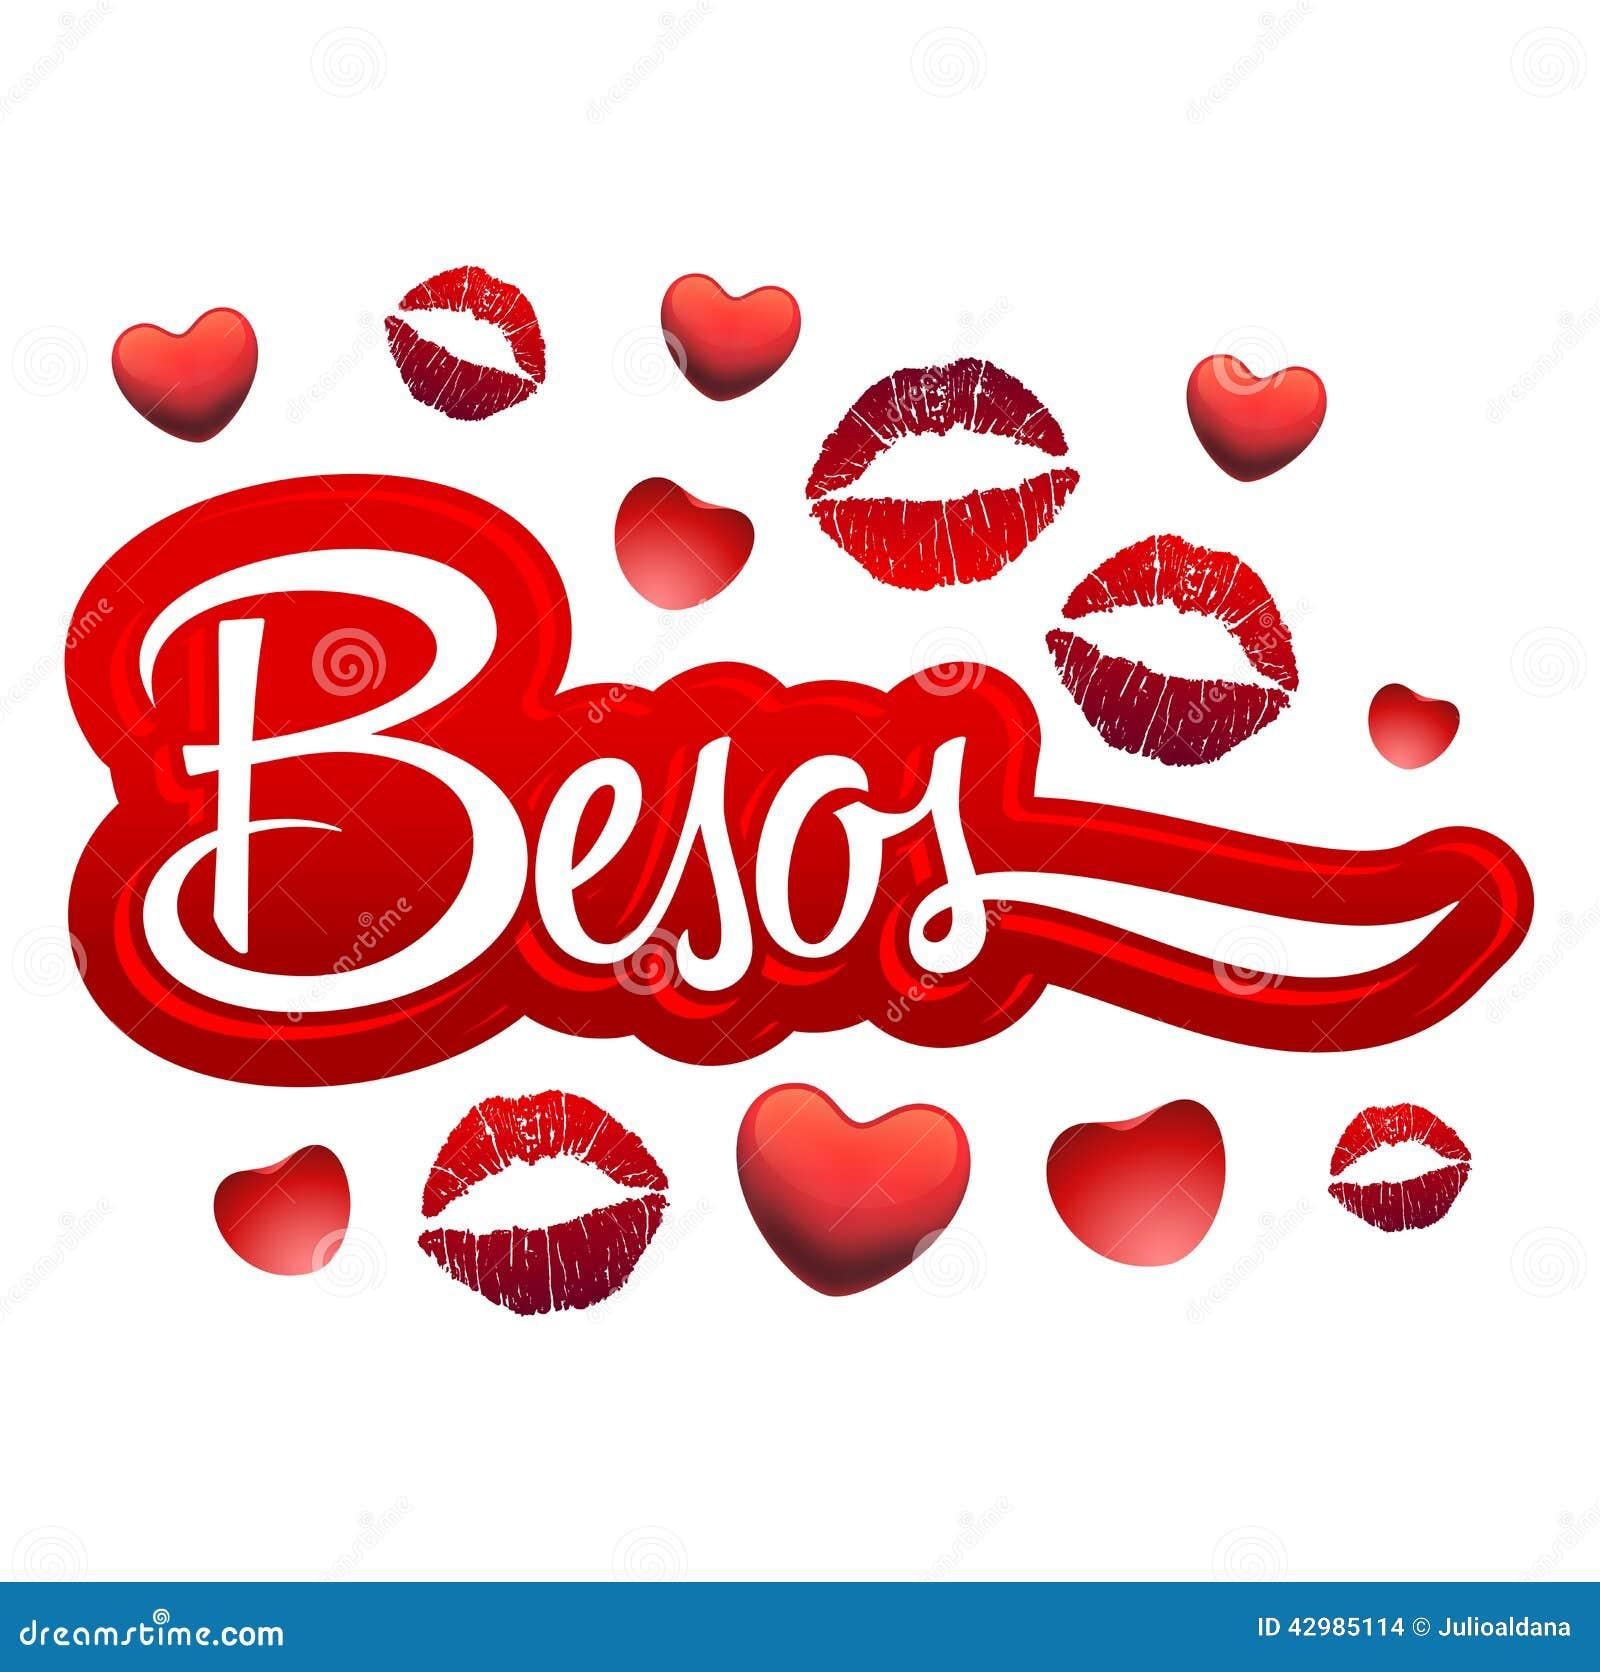 besos -亲吻西班牙文本-性感的红色嘴唇象-可利用的eps.